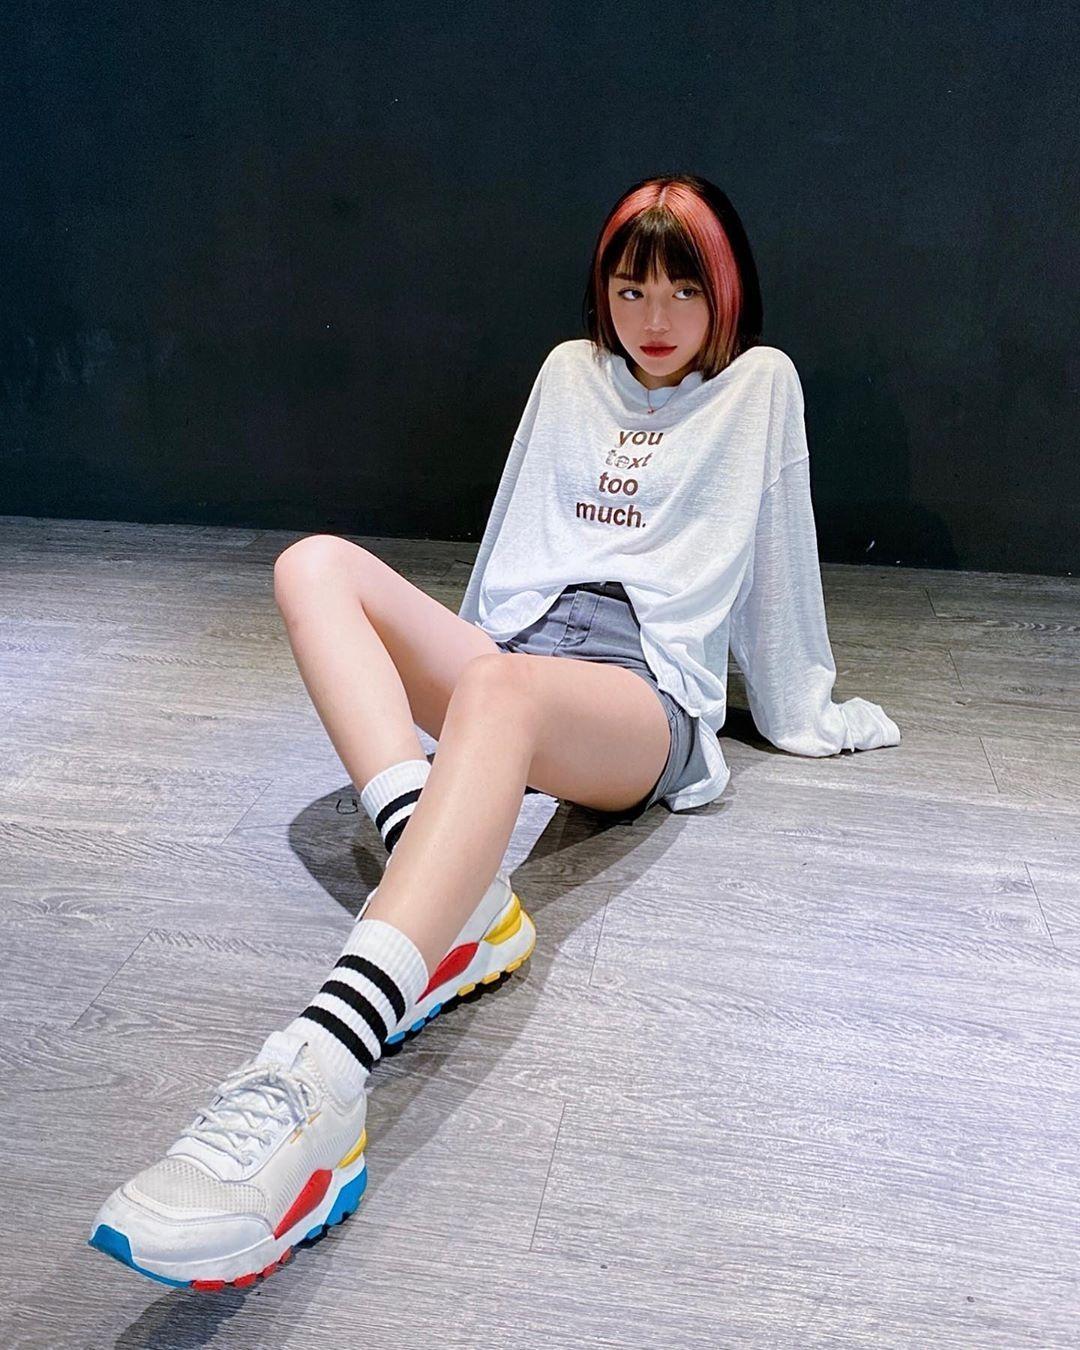 Linh Ngọc Đàm đua trend nhuộm tóc hai màu, tuy nhiên cô nàng chọn tông đỏ hồng siêu rực rỡ để làm điểm nhấn.